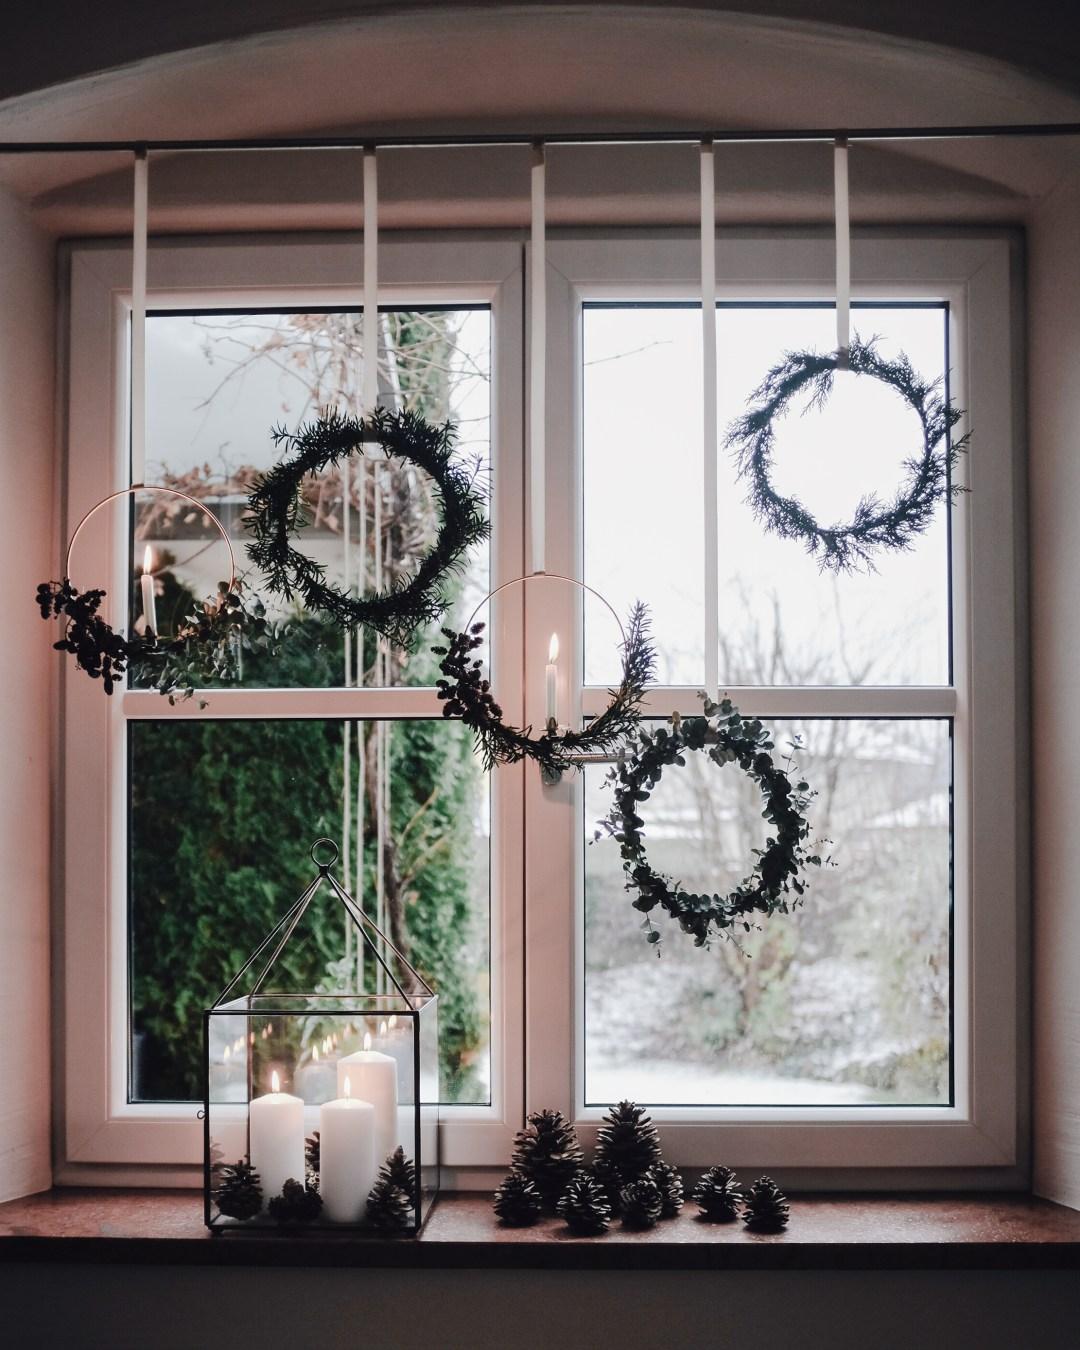 weihnachtsdekoration, Inastil, Ü50Blog, christmasdecoration, kranz, wreath, advent, homedecoration, adventkranz, lifestyle,_-18